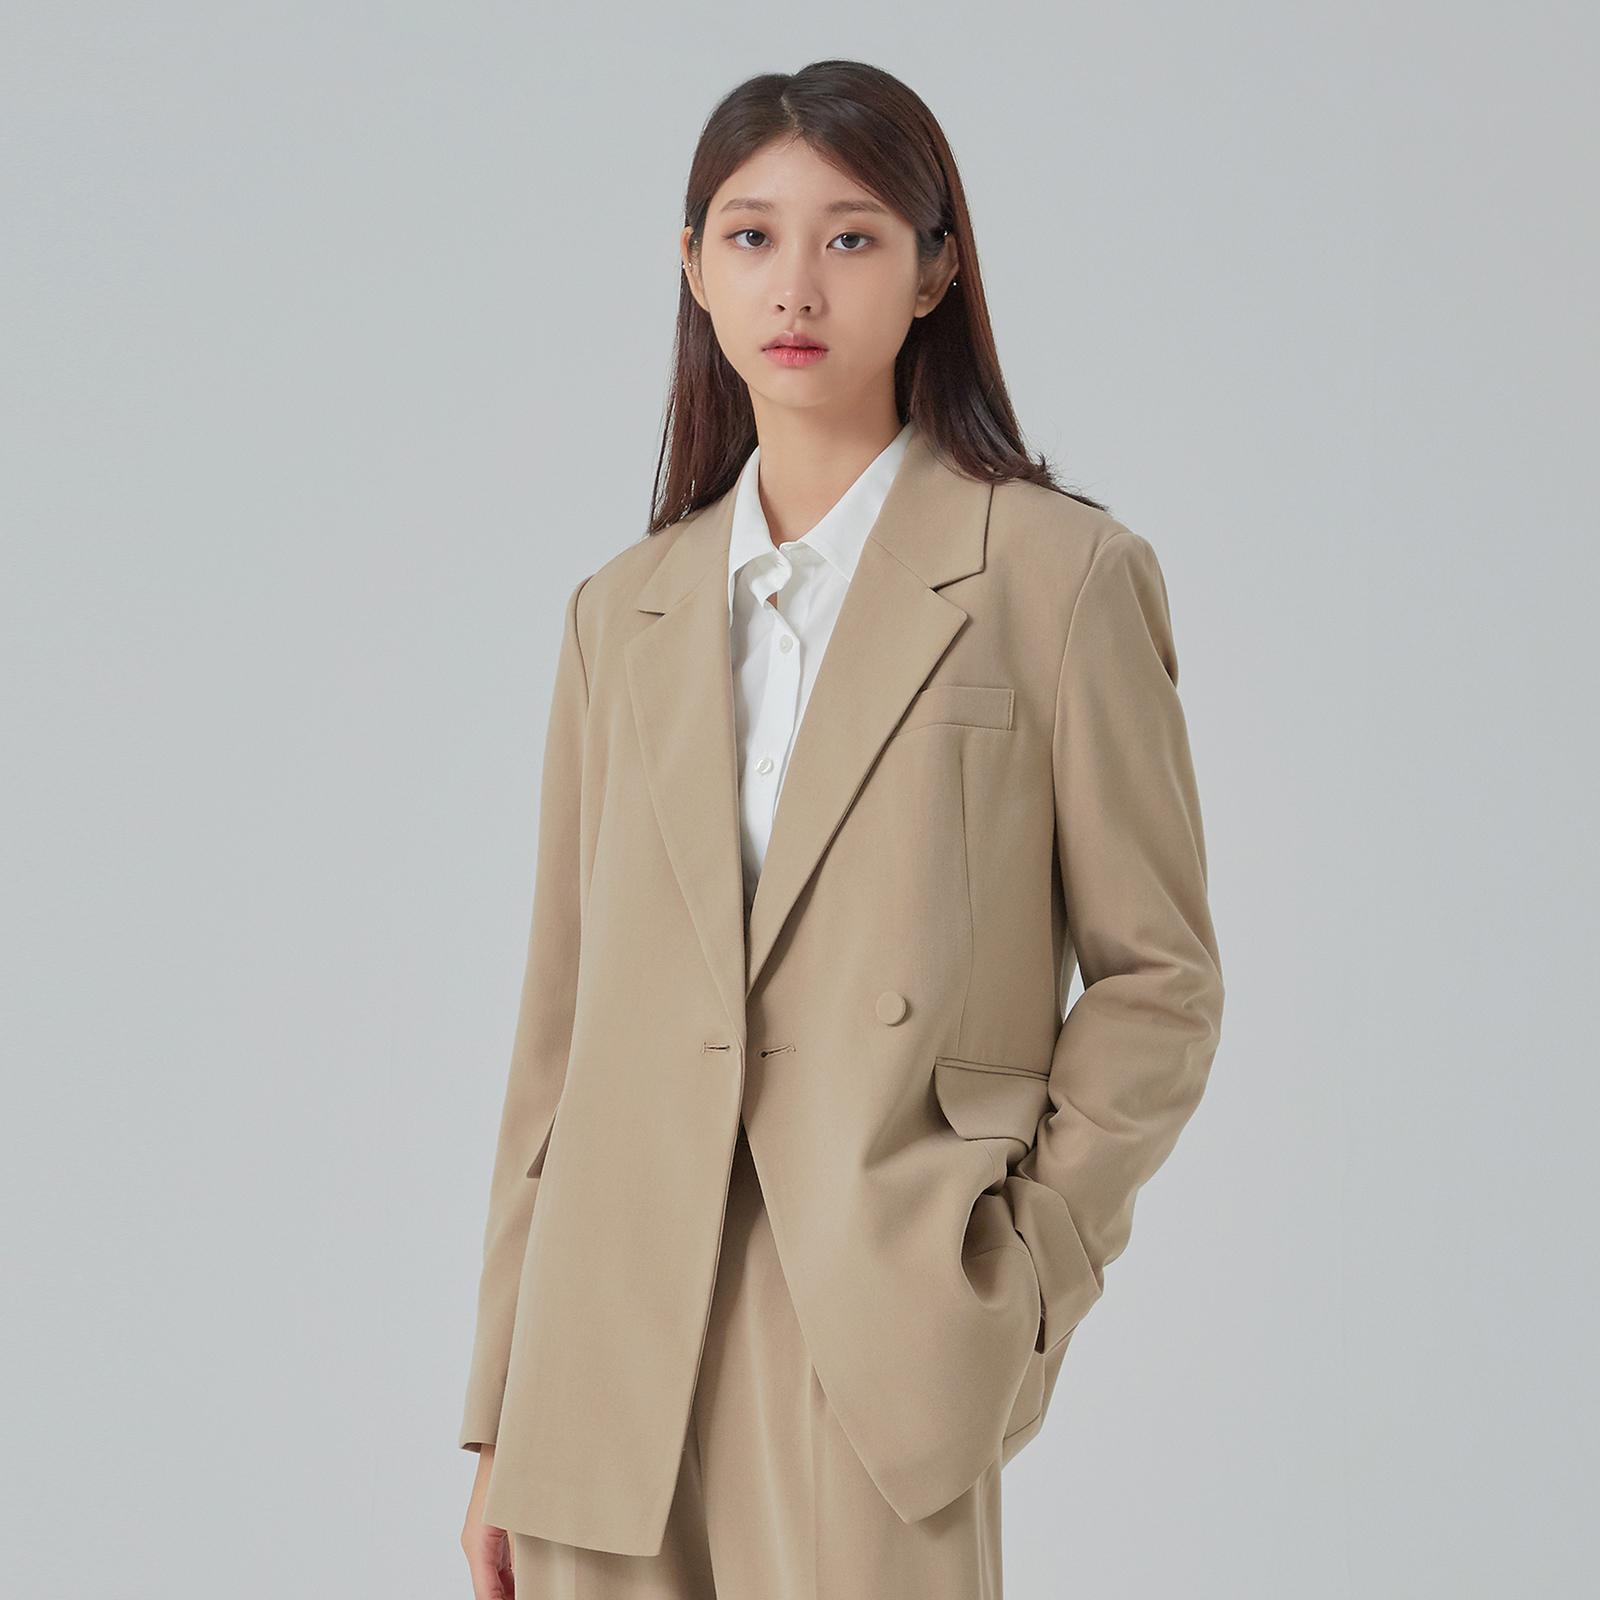 미쏘 여성용 테일러드 슬림핏 반더블 자켓